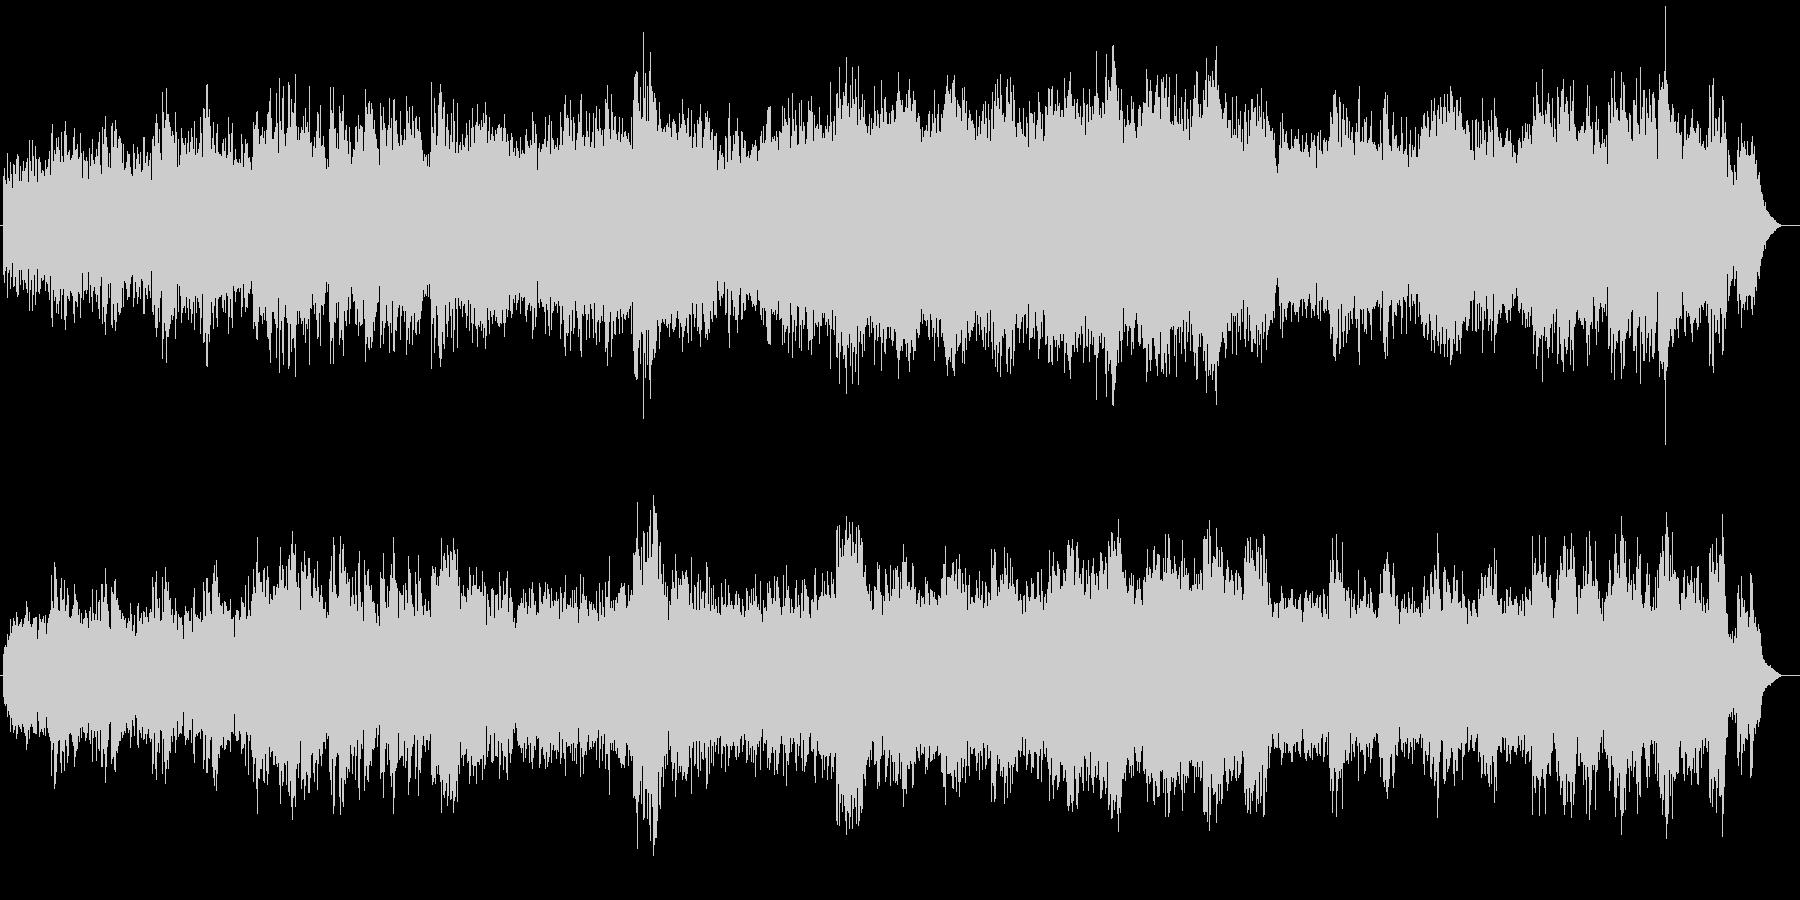 優しく透き通るシンセサイザーサウンドの未再生の波形